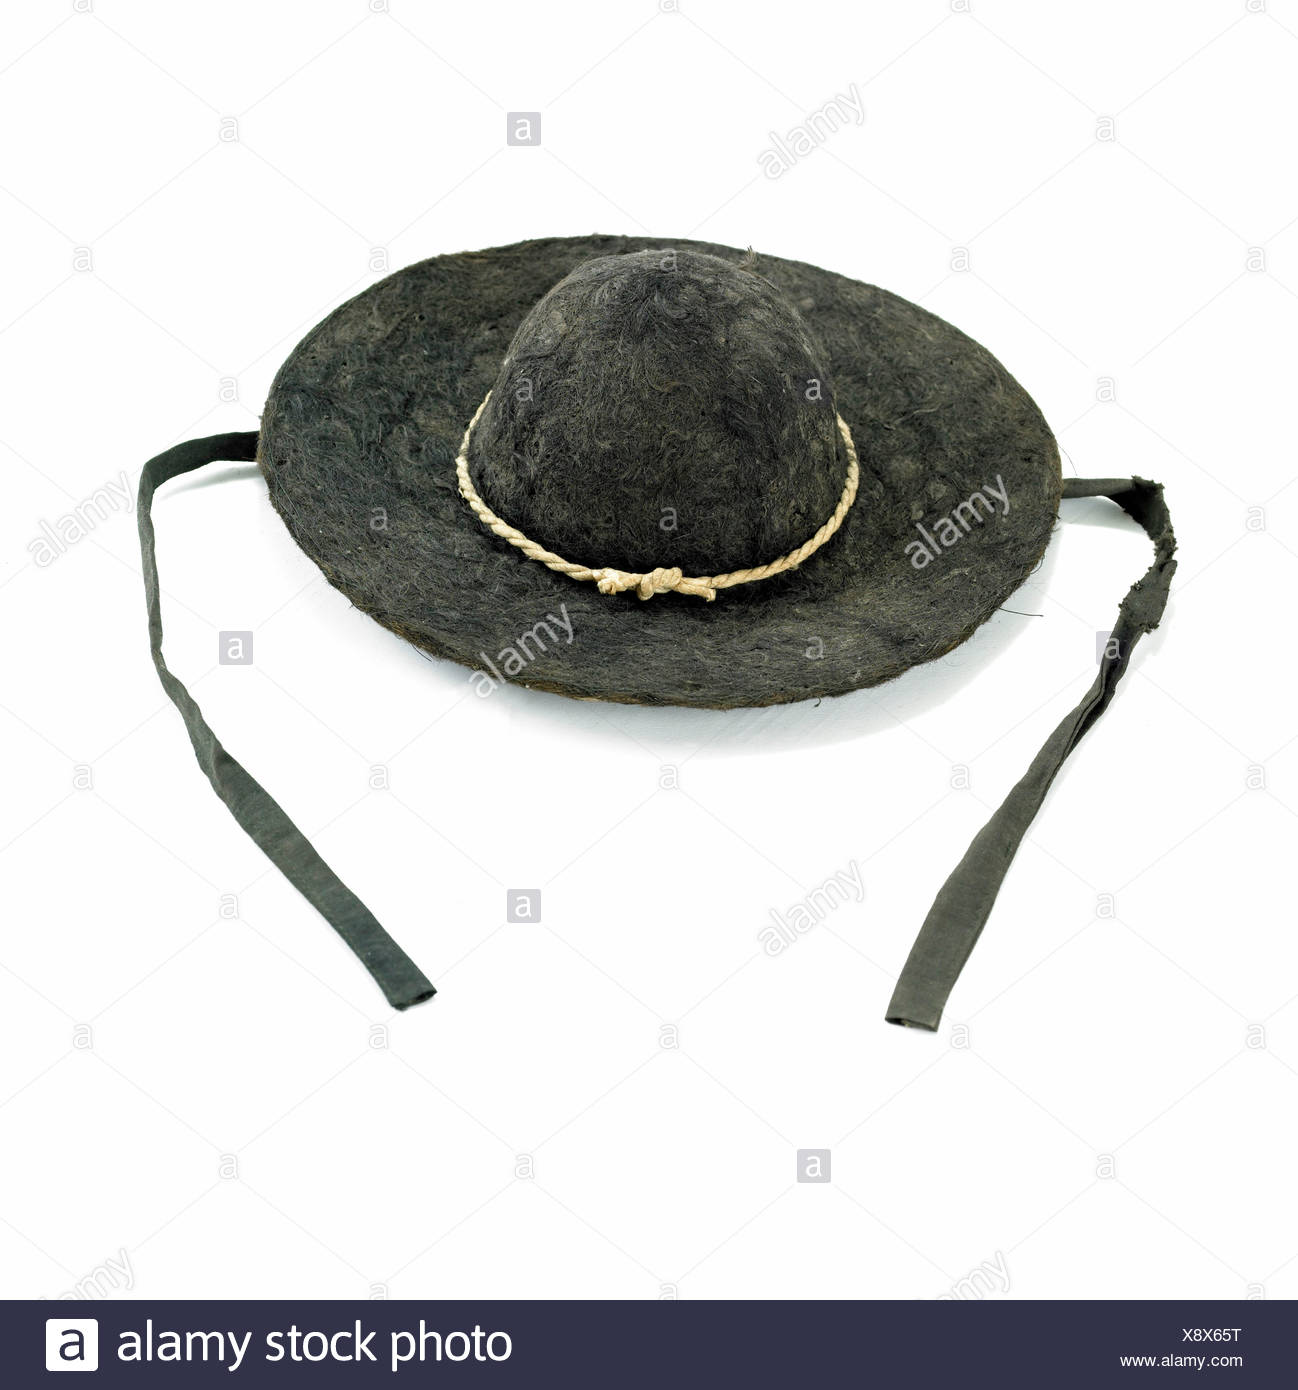 Ziemlich Cowboy Färbung Seite Zeitgenössisch - Ideen Wieder ...